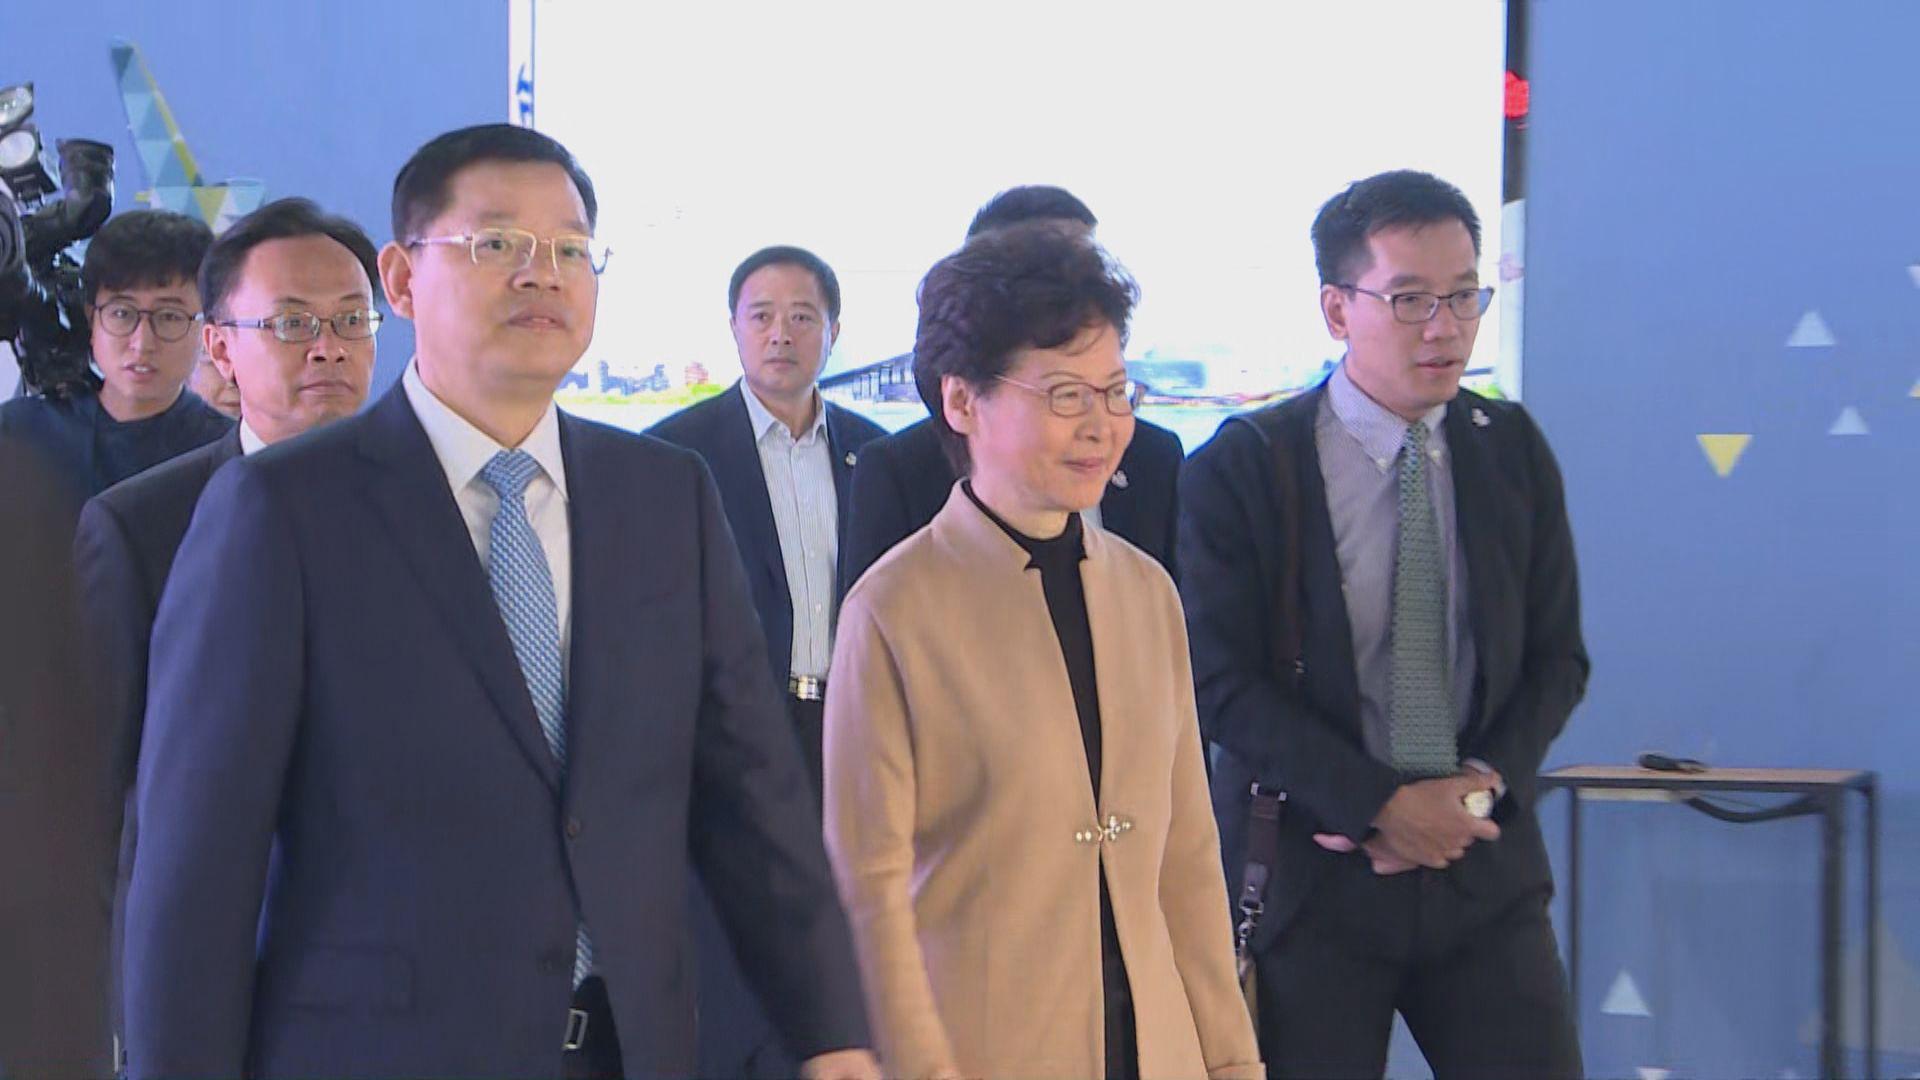 林鄭周三赴京與韓正會面 聶德權陳國基隨行